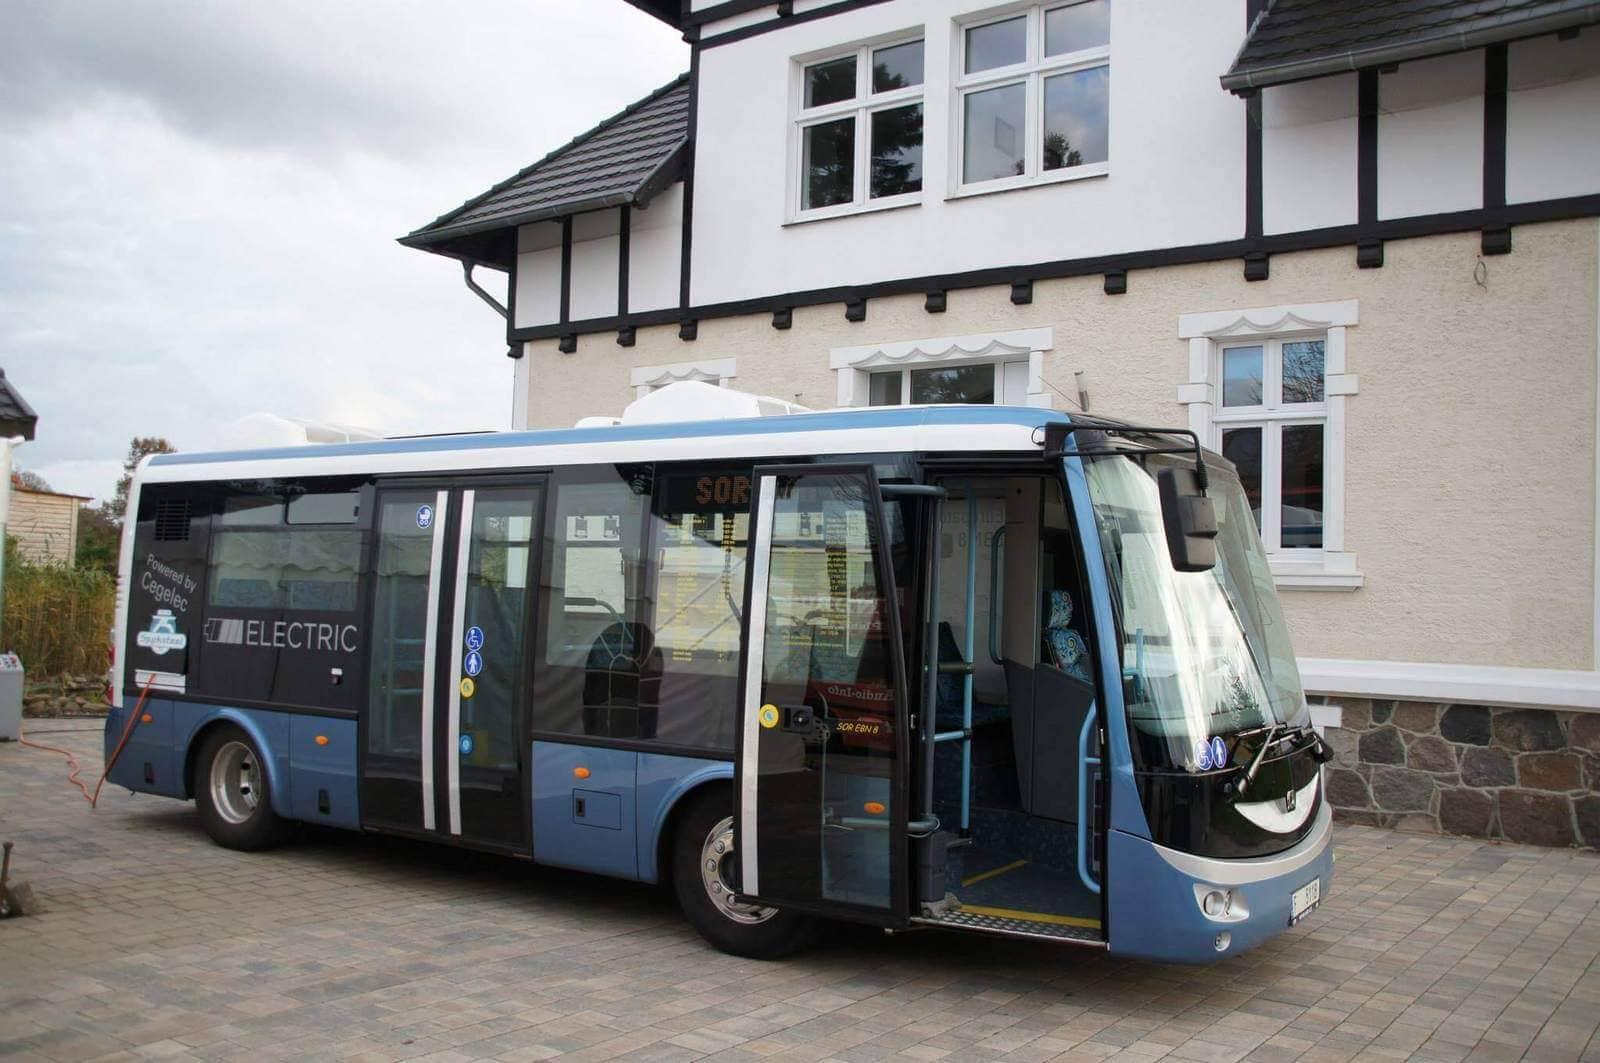 SOR – Elektrobusse für den ÖPNV – Leasing, Mietkauf, Finanzierung